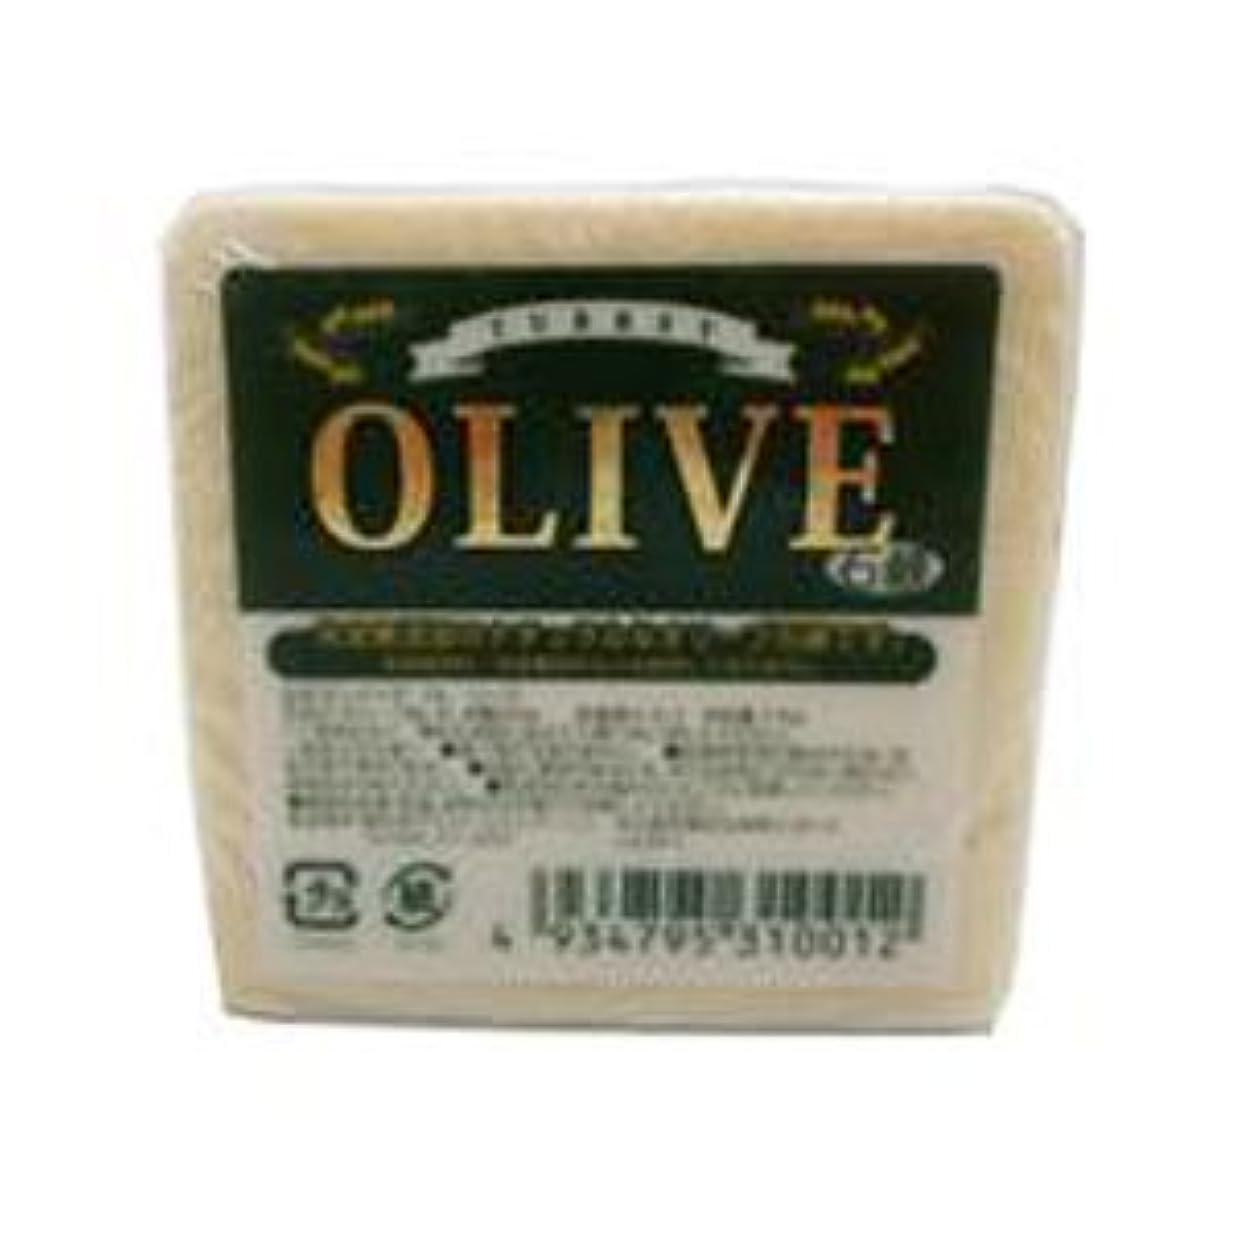 ガイダンス用心セッティングお得な5個セット トルコ産オリーブを使用した無添加石鹸 ターキーオリーブ石鹸 135g